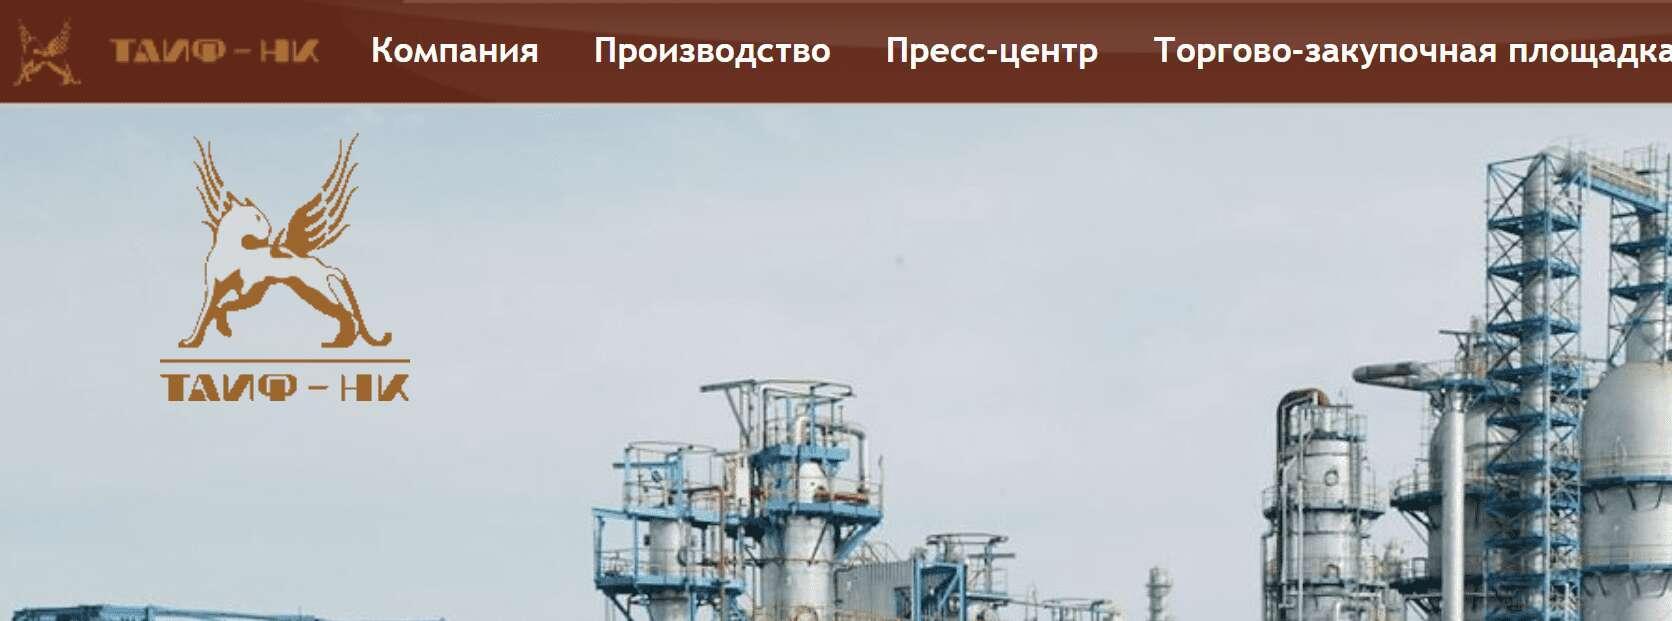 Официальный сайт компании АО «ТАИФ-НК»